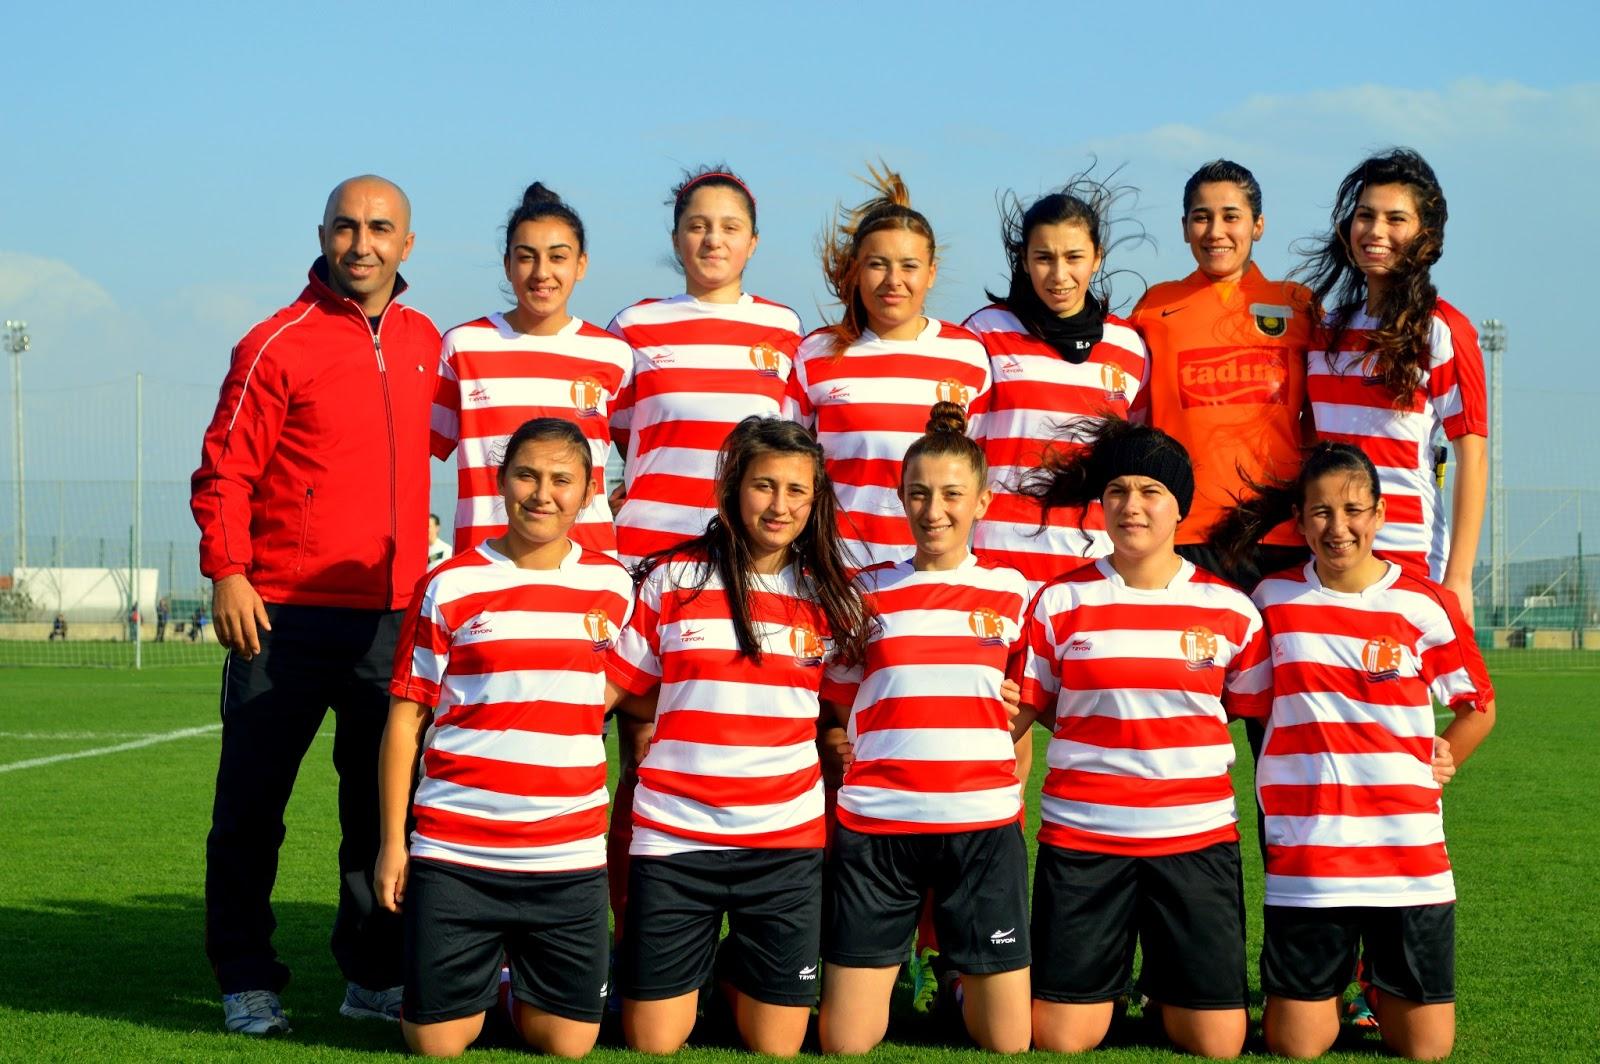 Antalya U0026 39 S Pride 1207 AntalyaSpor Women U0026 39 S Football Team